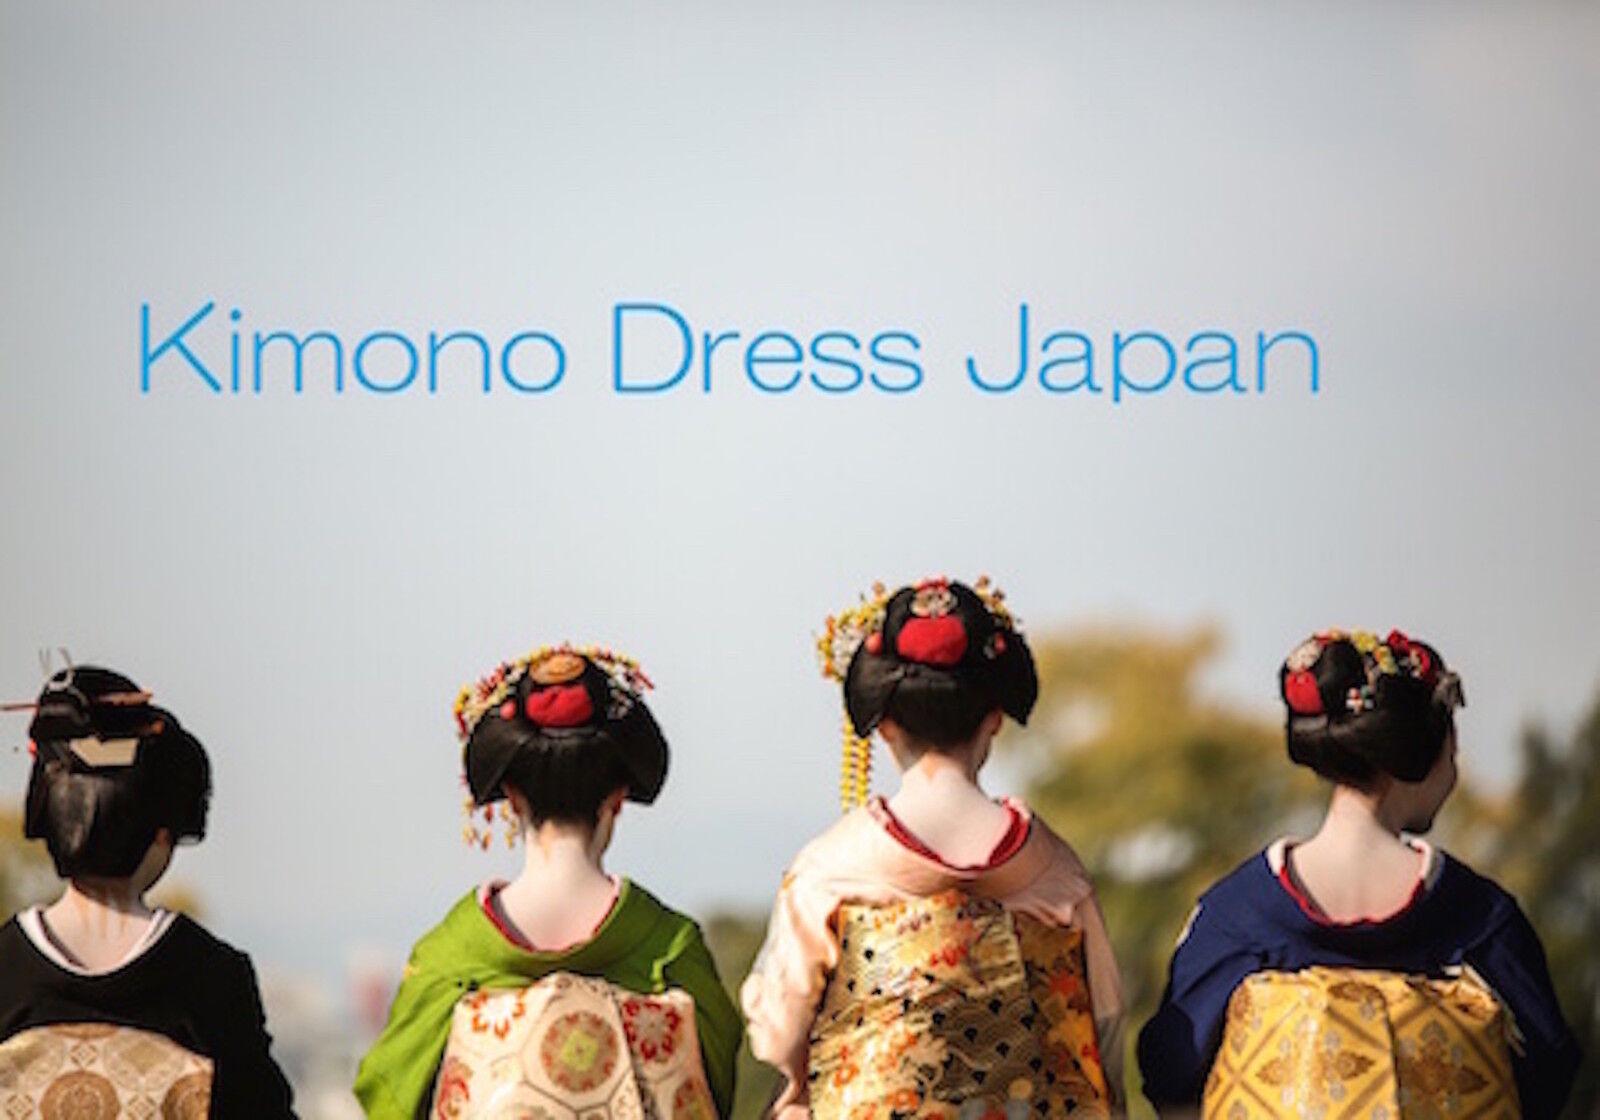 KimonoDressJapan